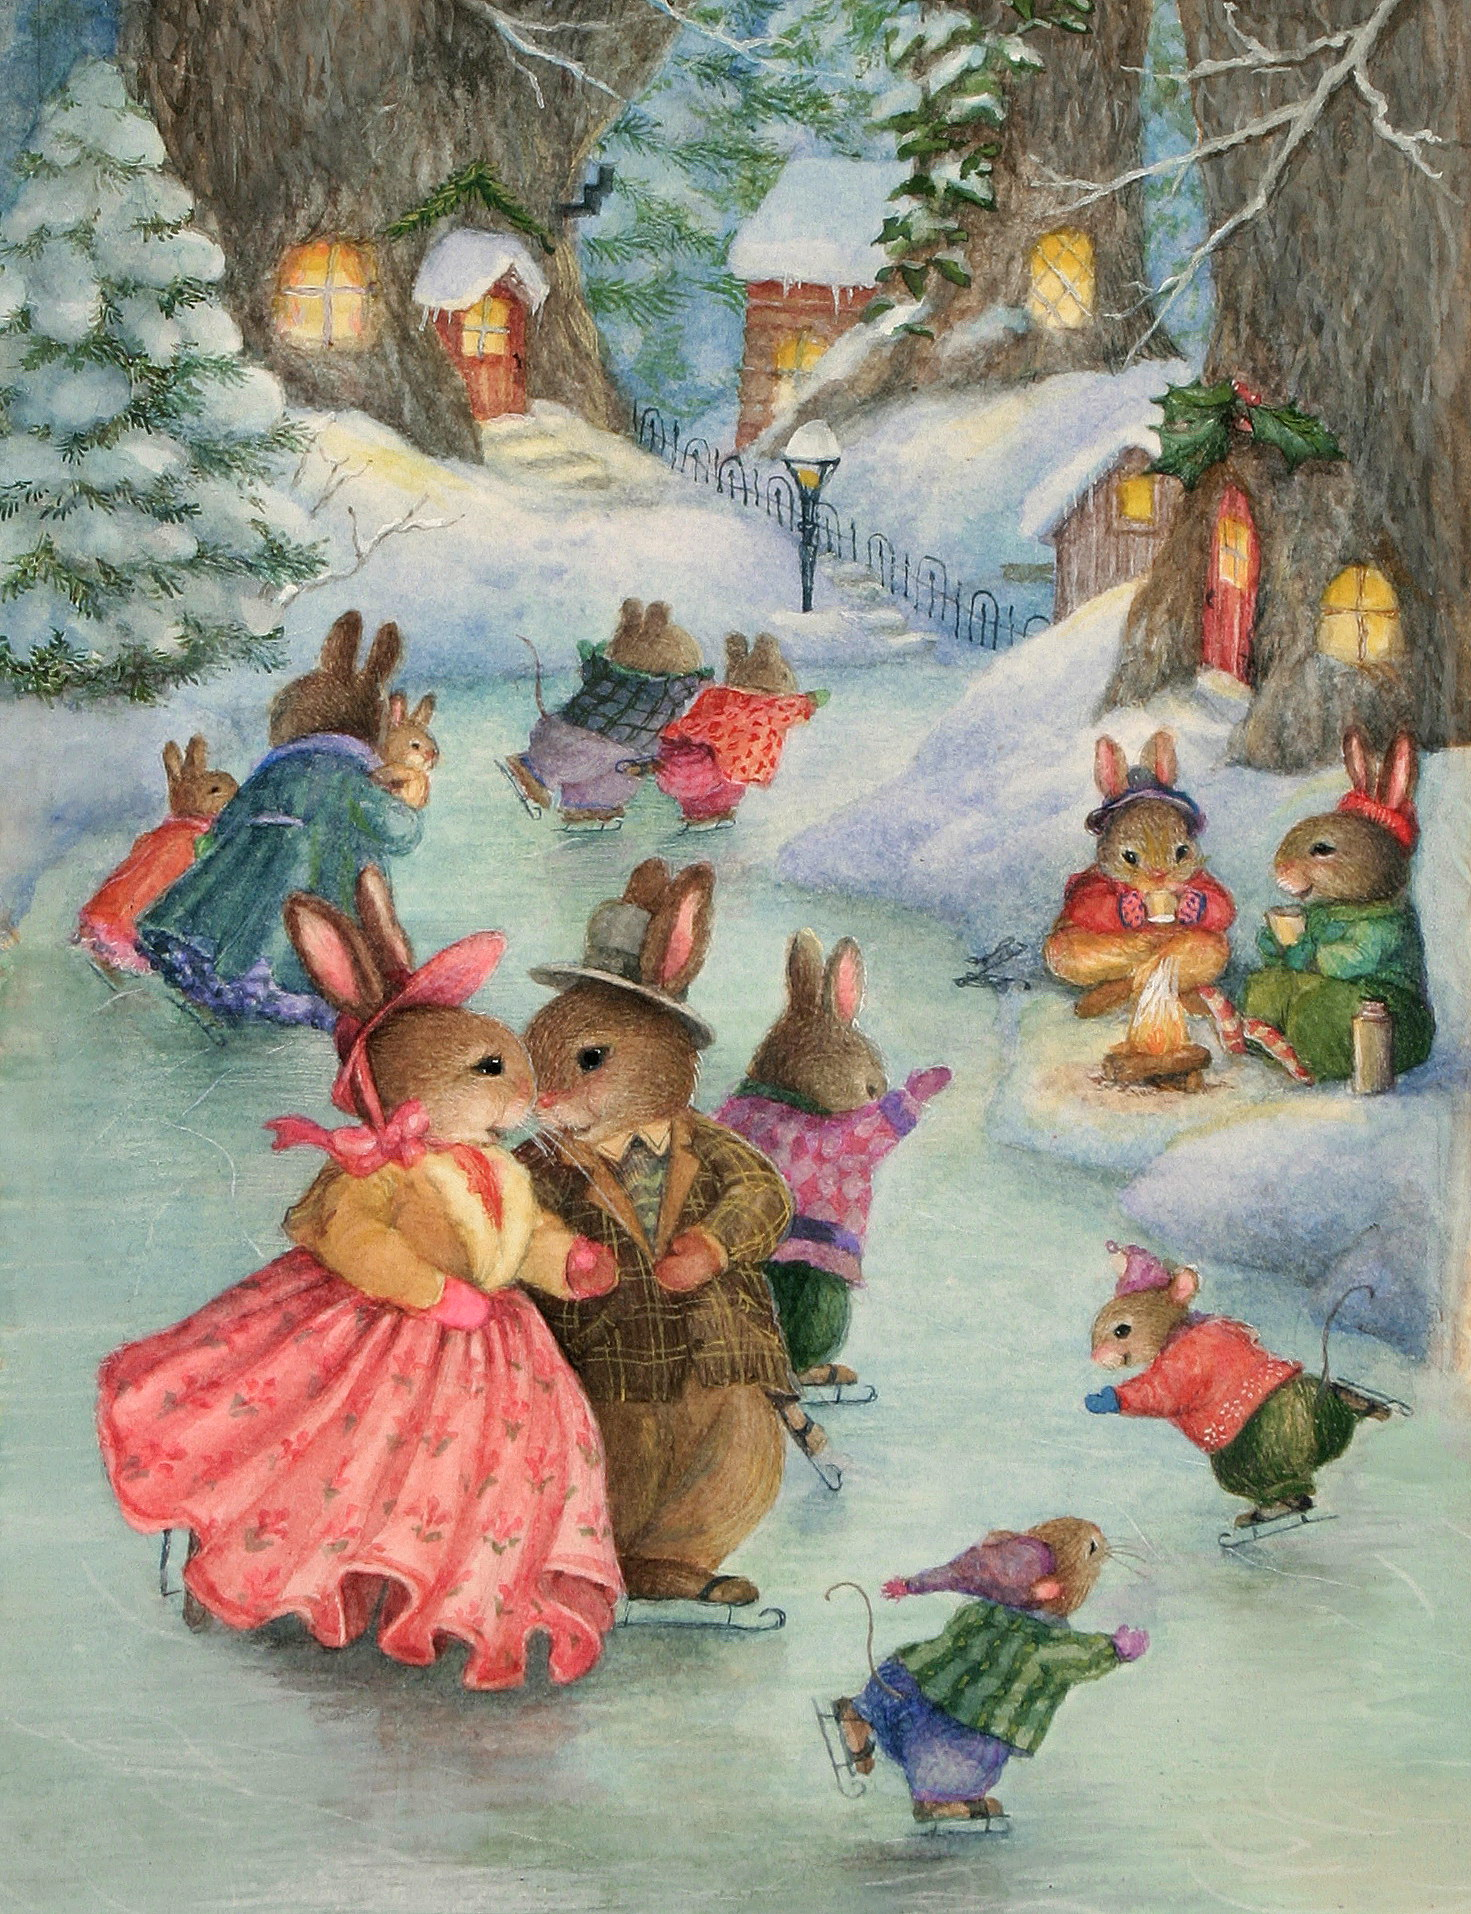 Песни на английском языке про Новый год и Рождество с переводом